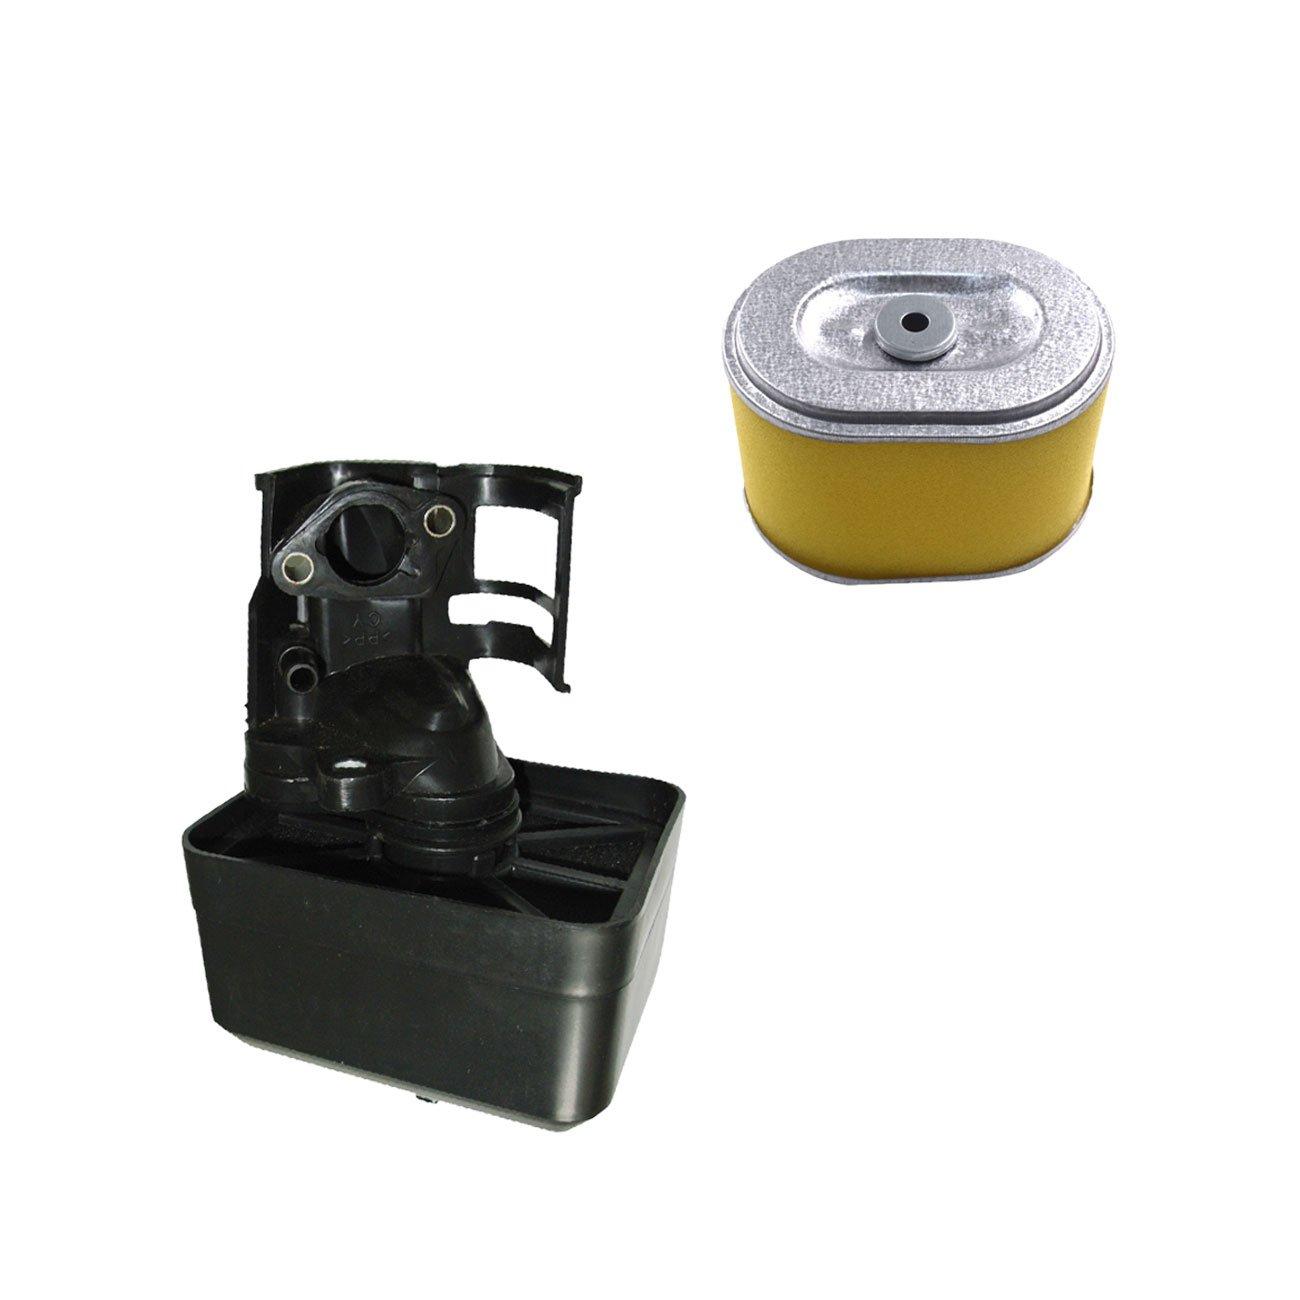 JRL Filtro de aire para Honda Gx200 Gx160 Gx140 5.5hp: Amazon.es ...